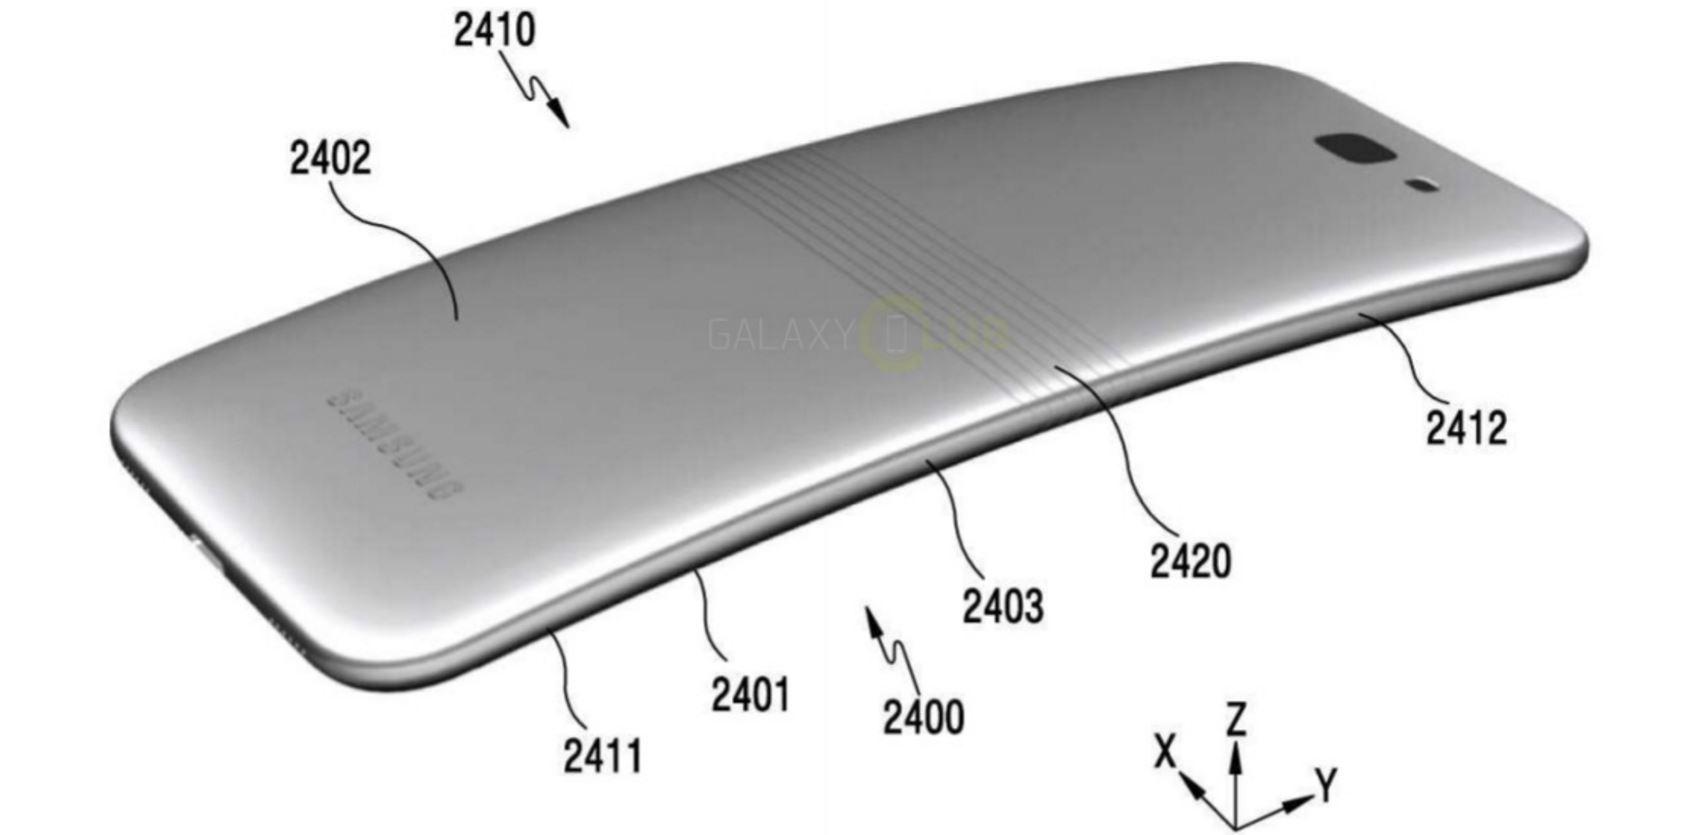 اختراع به ثبت رسیده از گوشی منعطف سامسونگ که احتمالاً برای سال ۲۰۱۷ آماده میشود